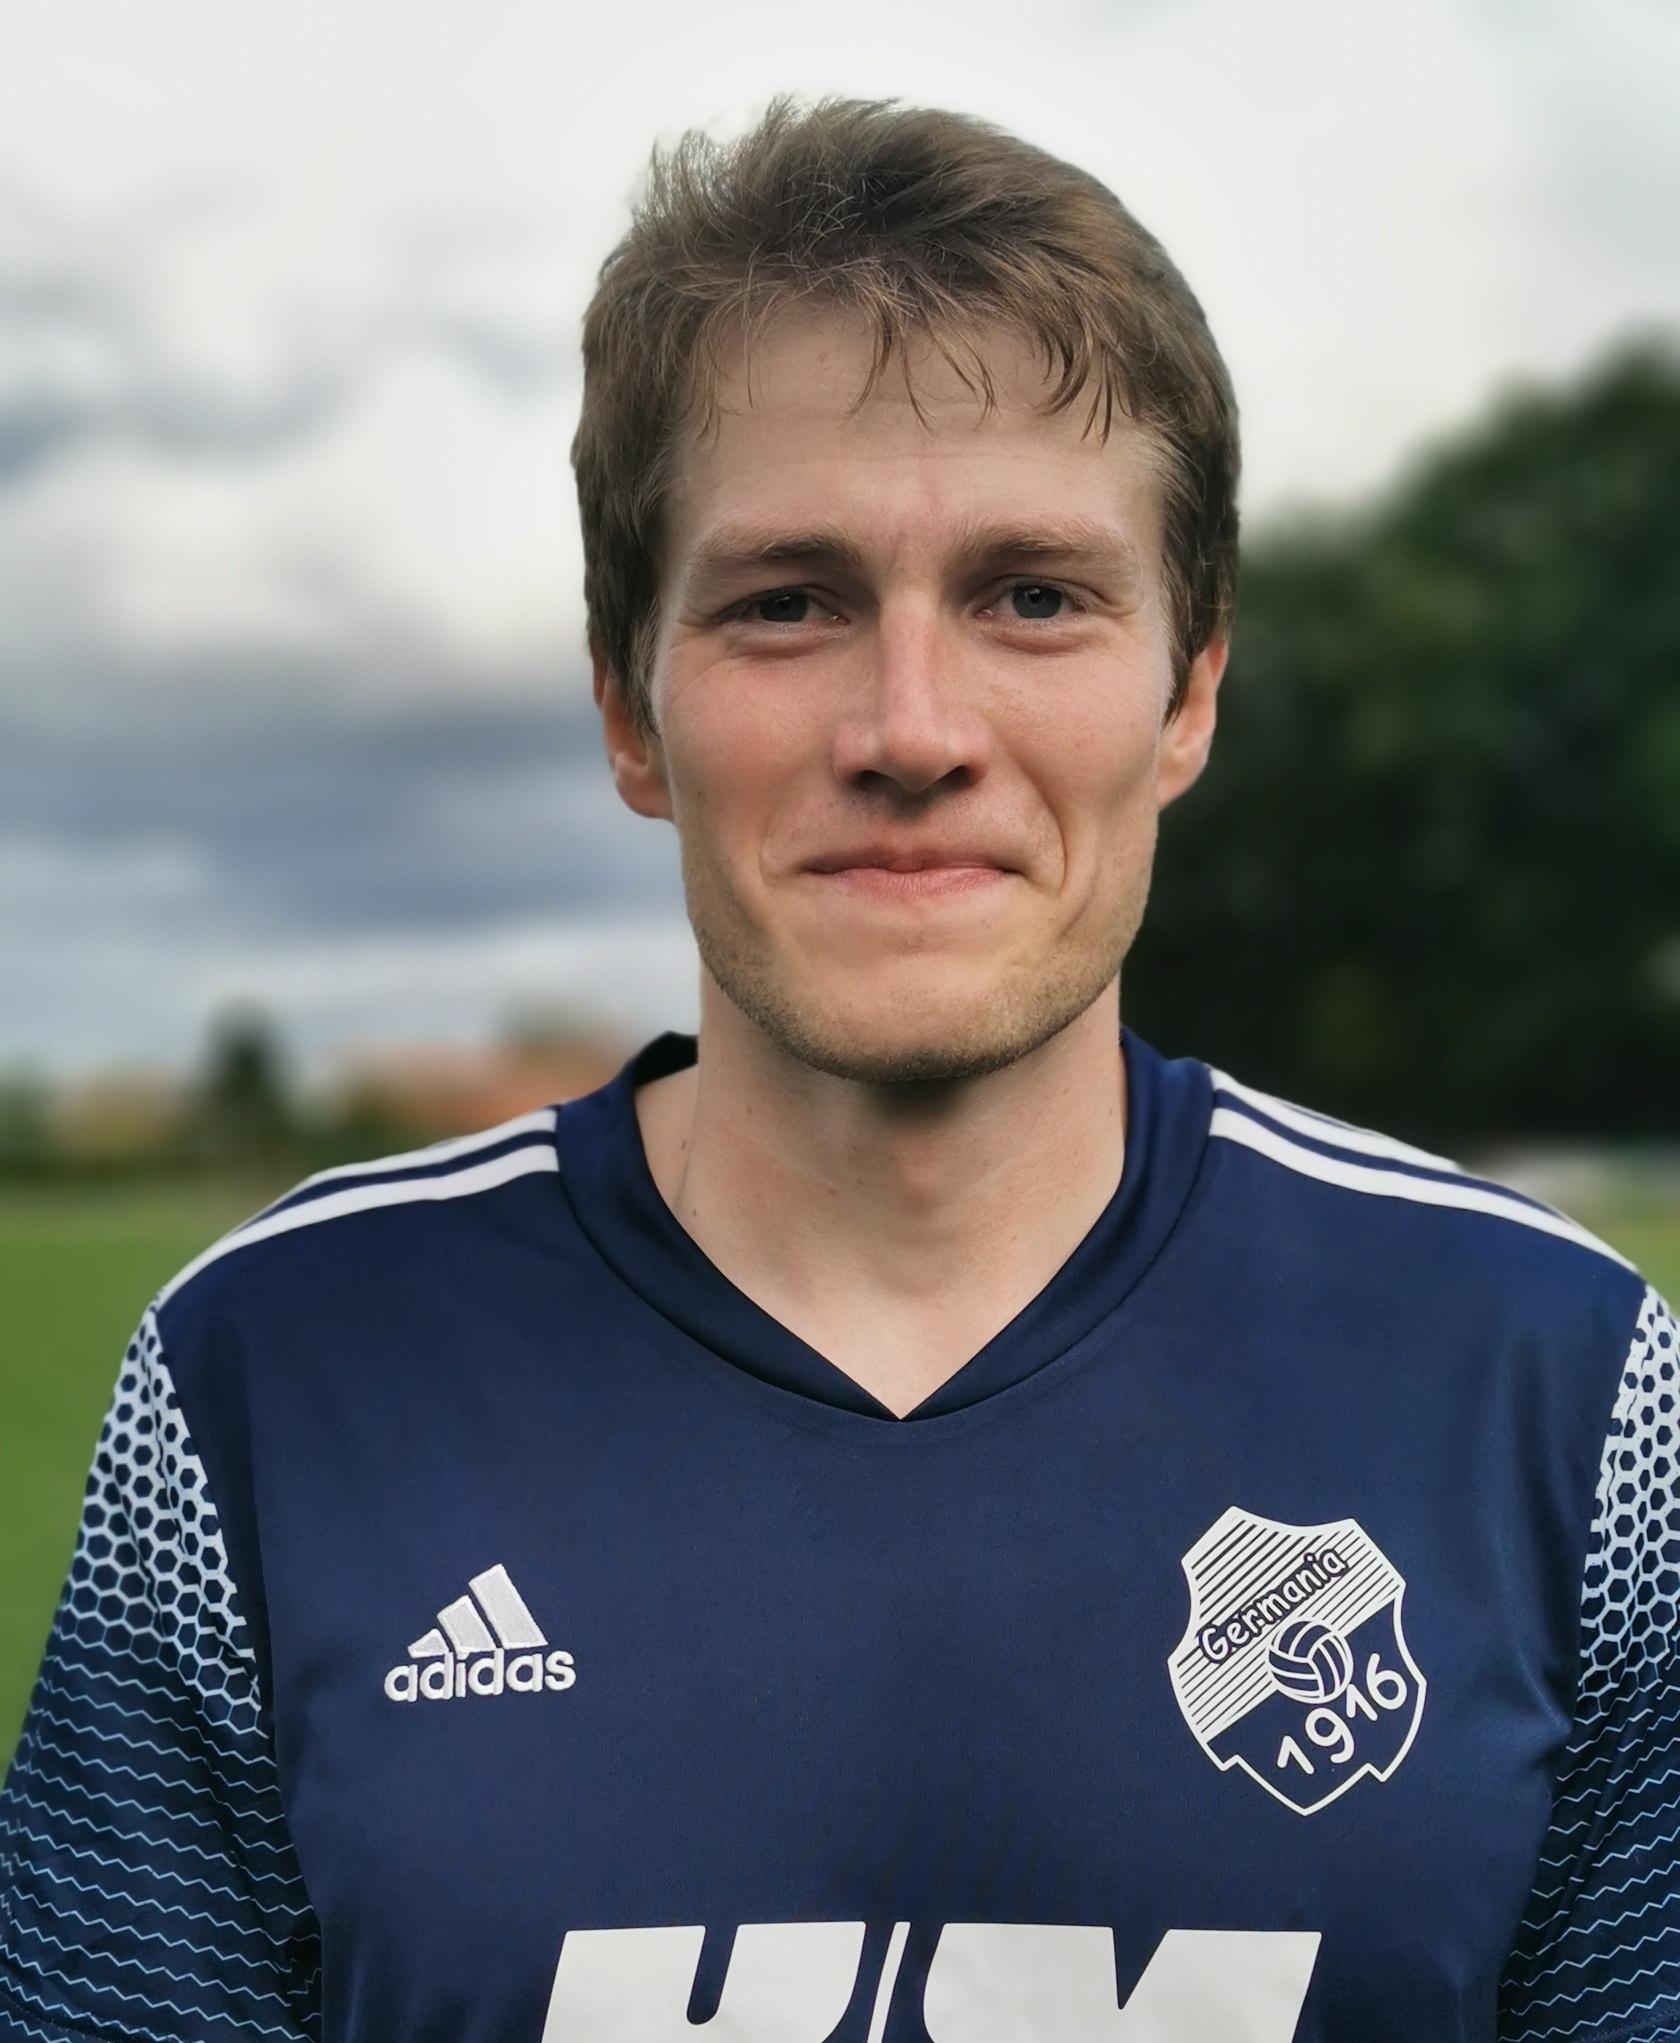 Stefan Küster